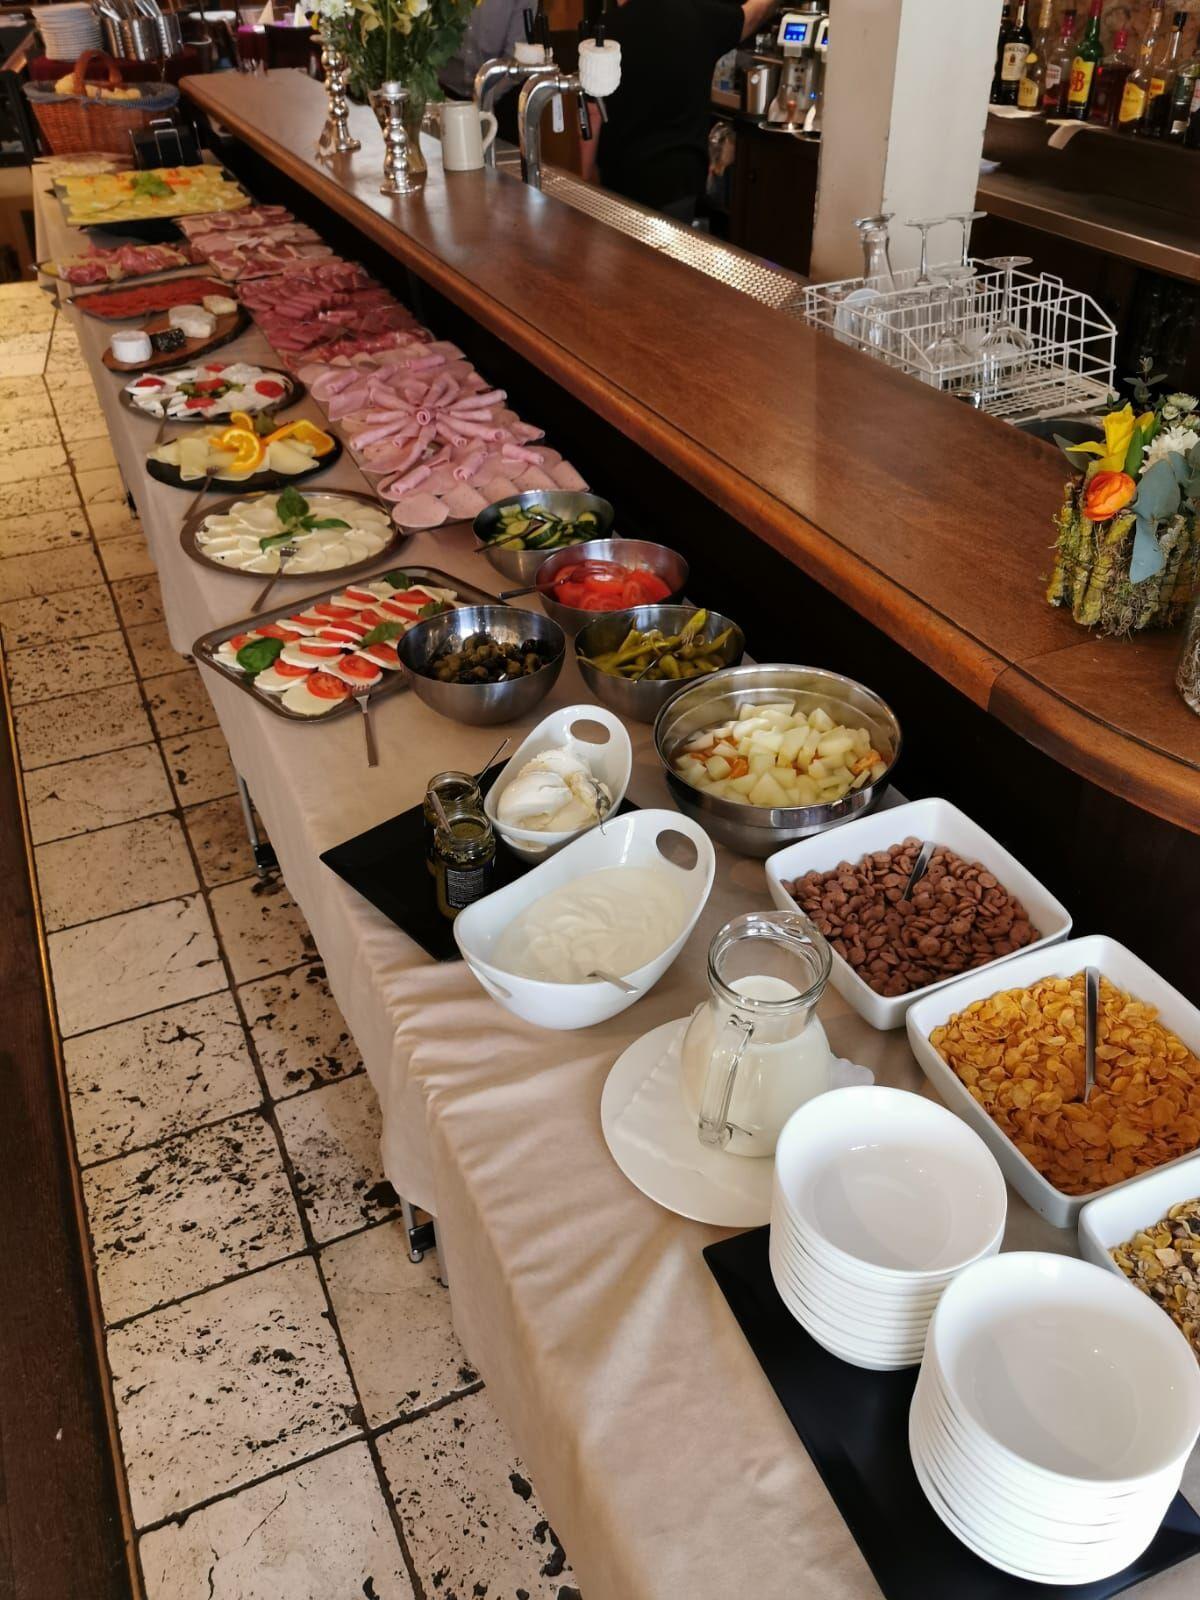 Frühstücksbüffet Samstags 10-13 Uhr Sonntags 10-14 Uhr Inklusive 1Tasse Kaffe und 01,l o.saft 9,90€